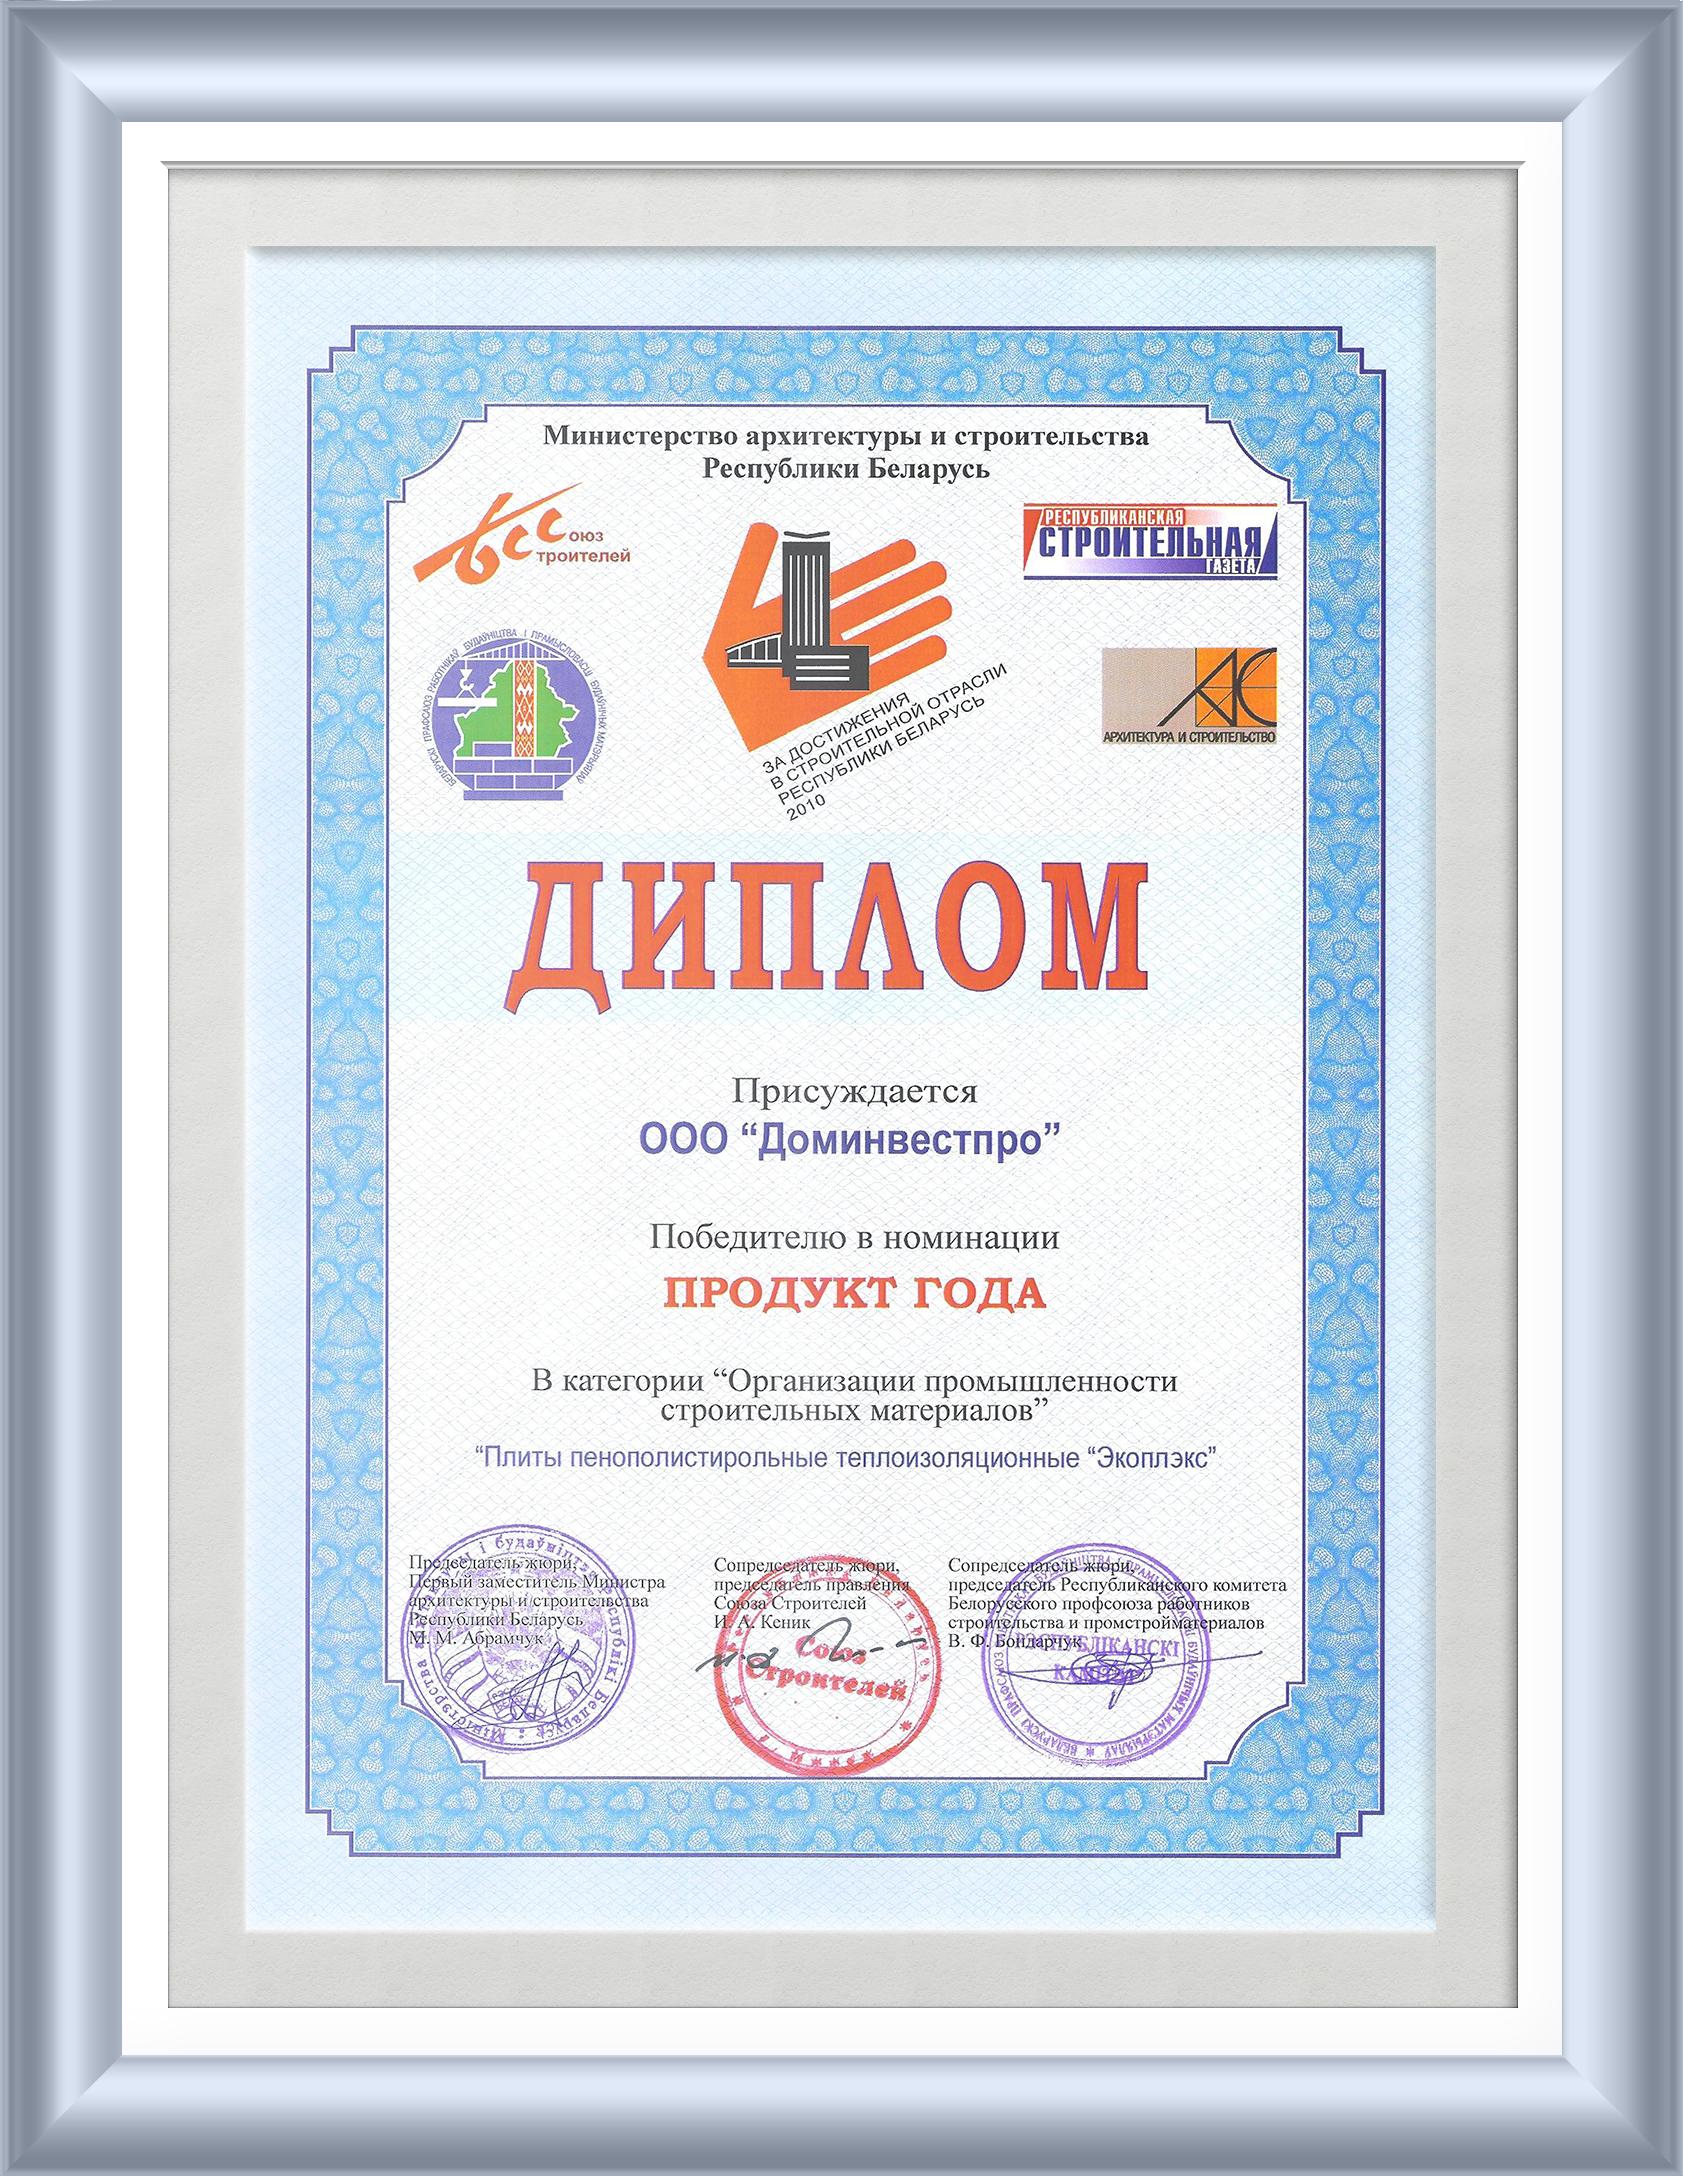 Диплом Доминвестпро - Пенопласт